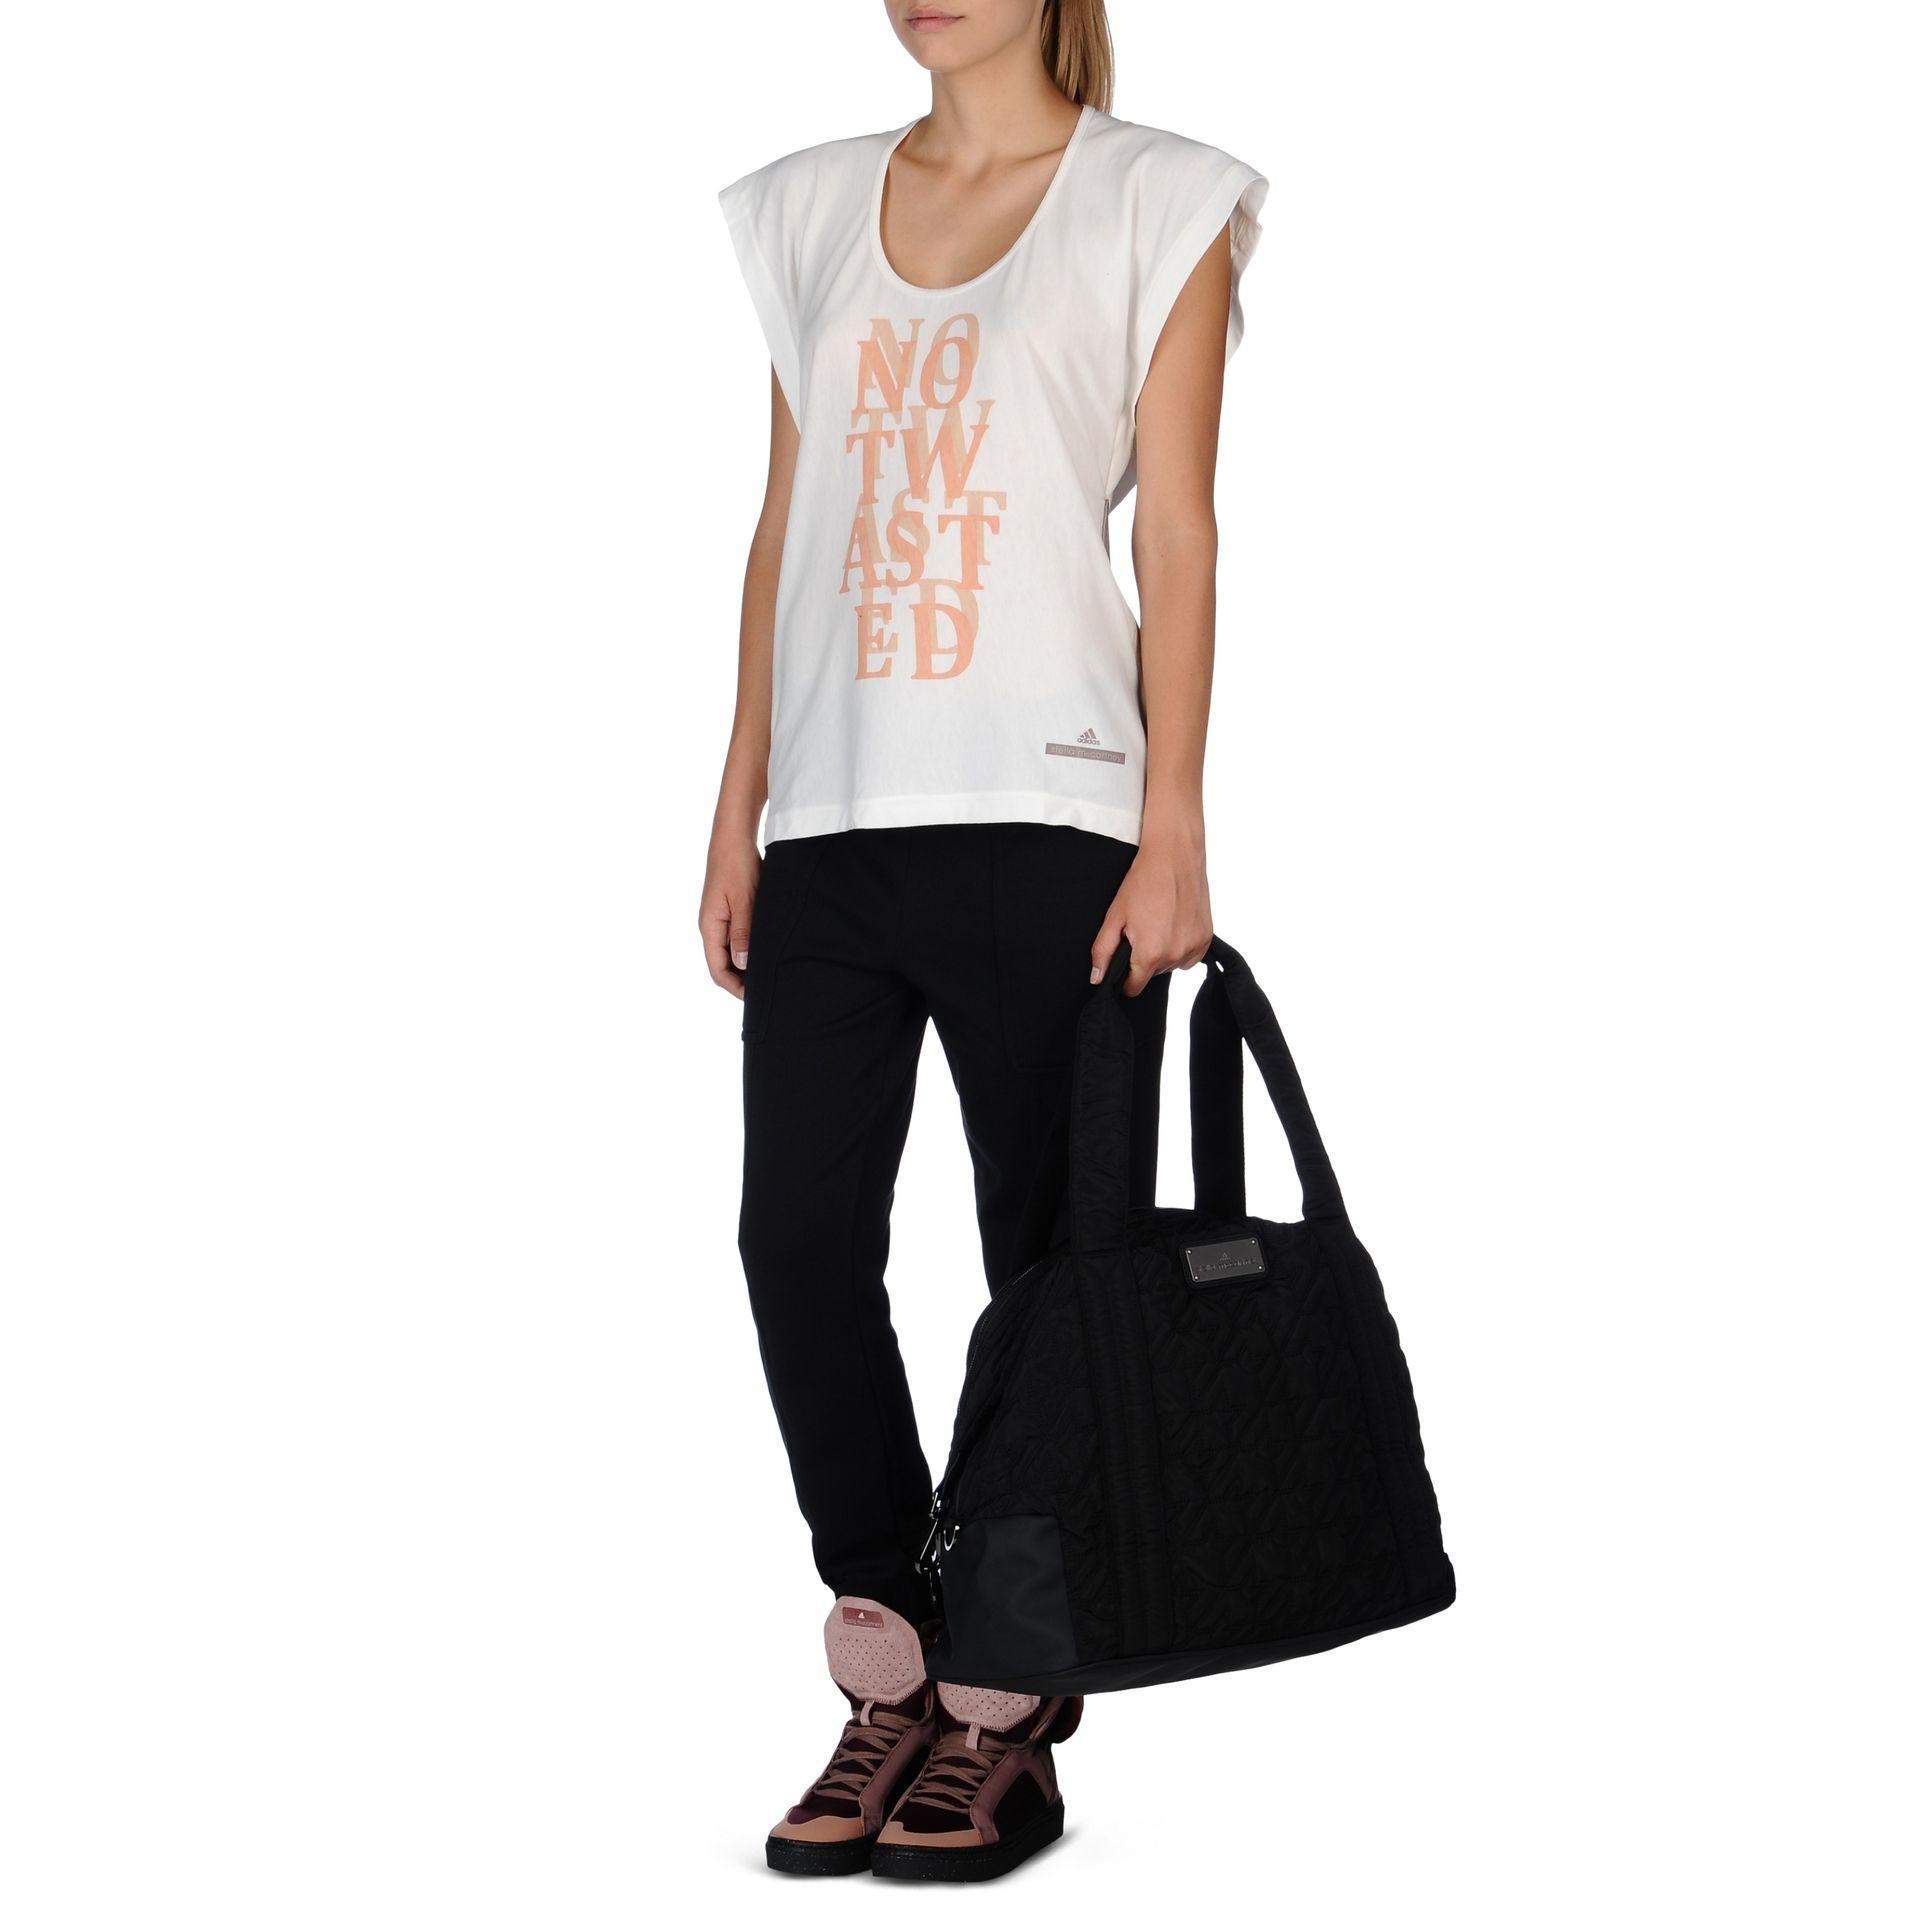 Lyst - adidas By Stella McCartney Big Gym Bag in Black d932f24d22733